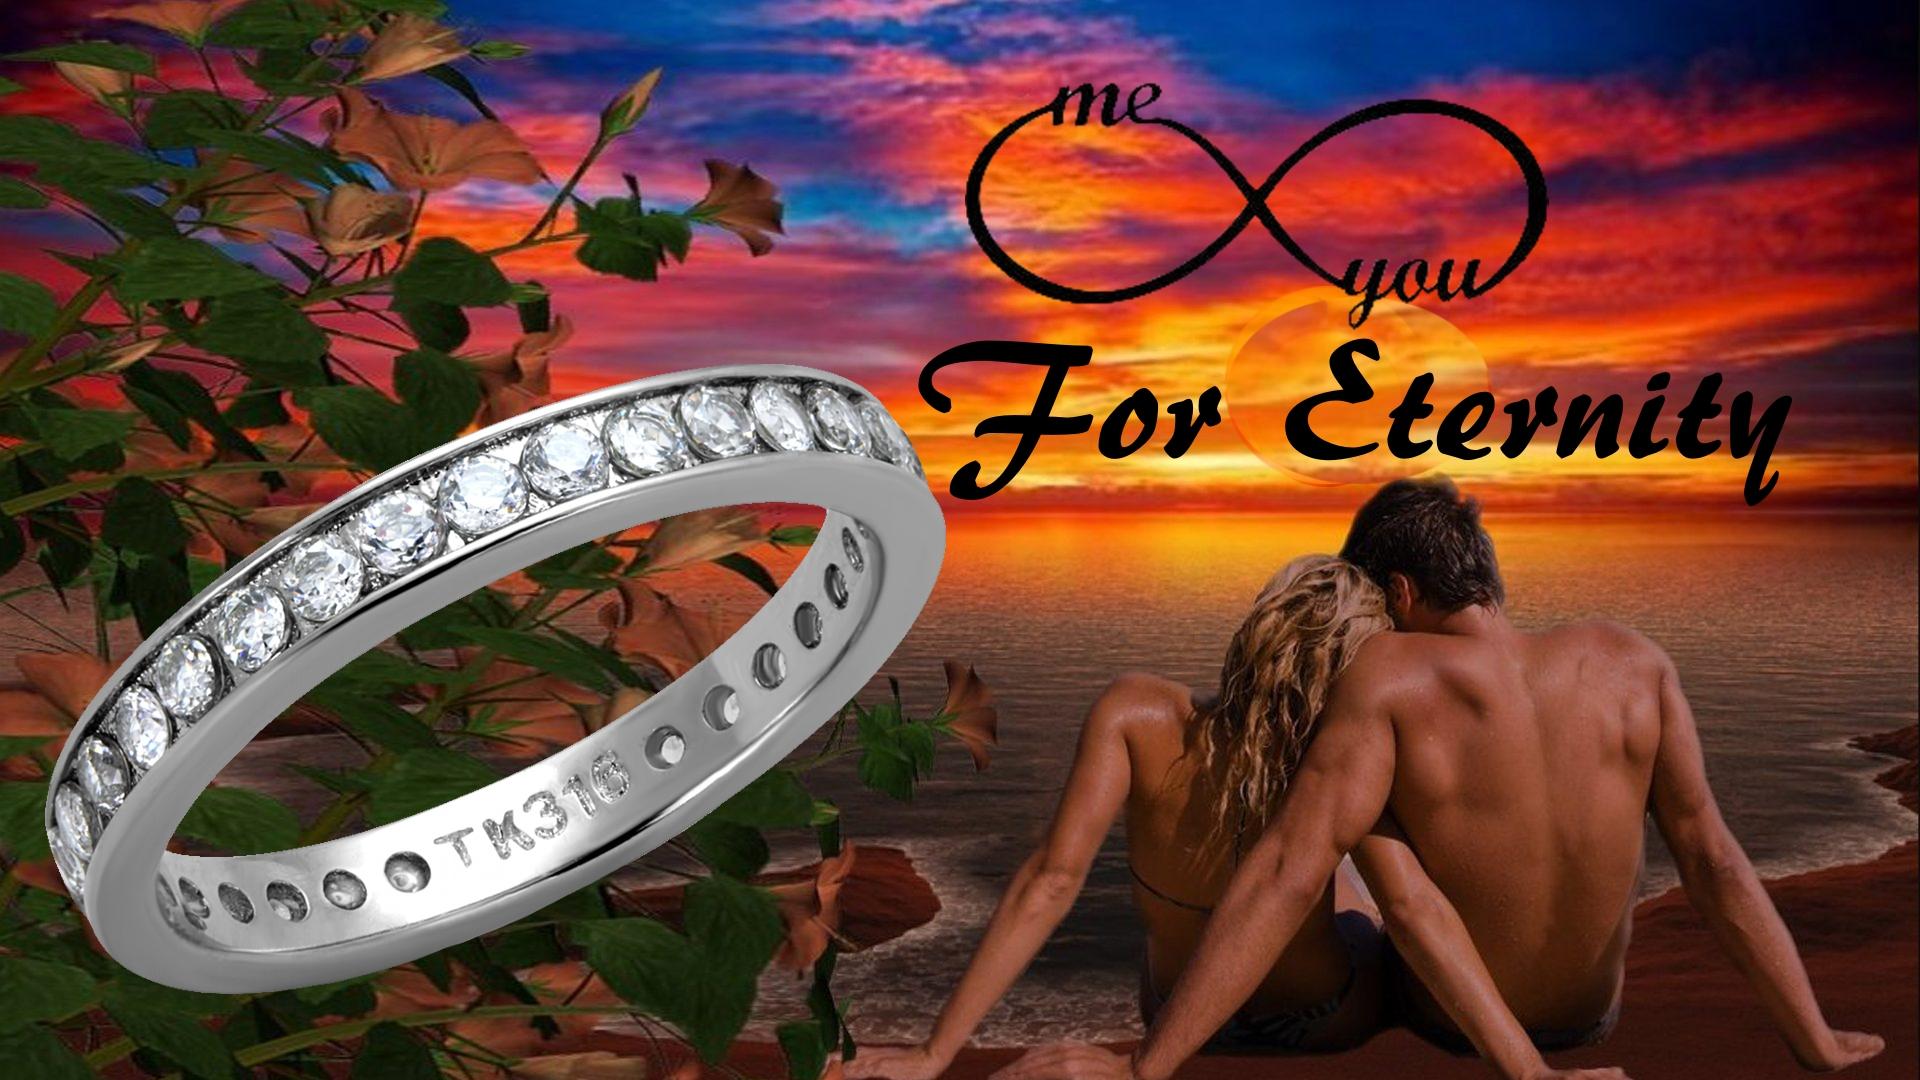 Bridal Eternity Stainless Steel Ring Engagement Bride-Groom